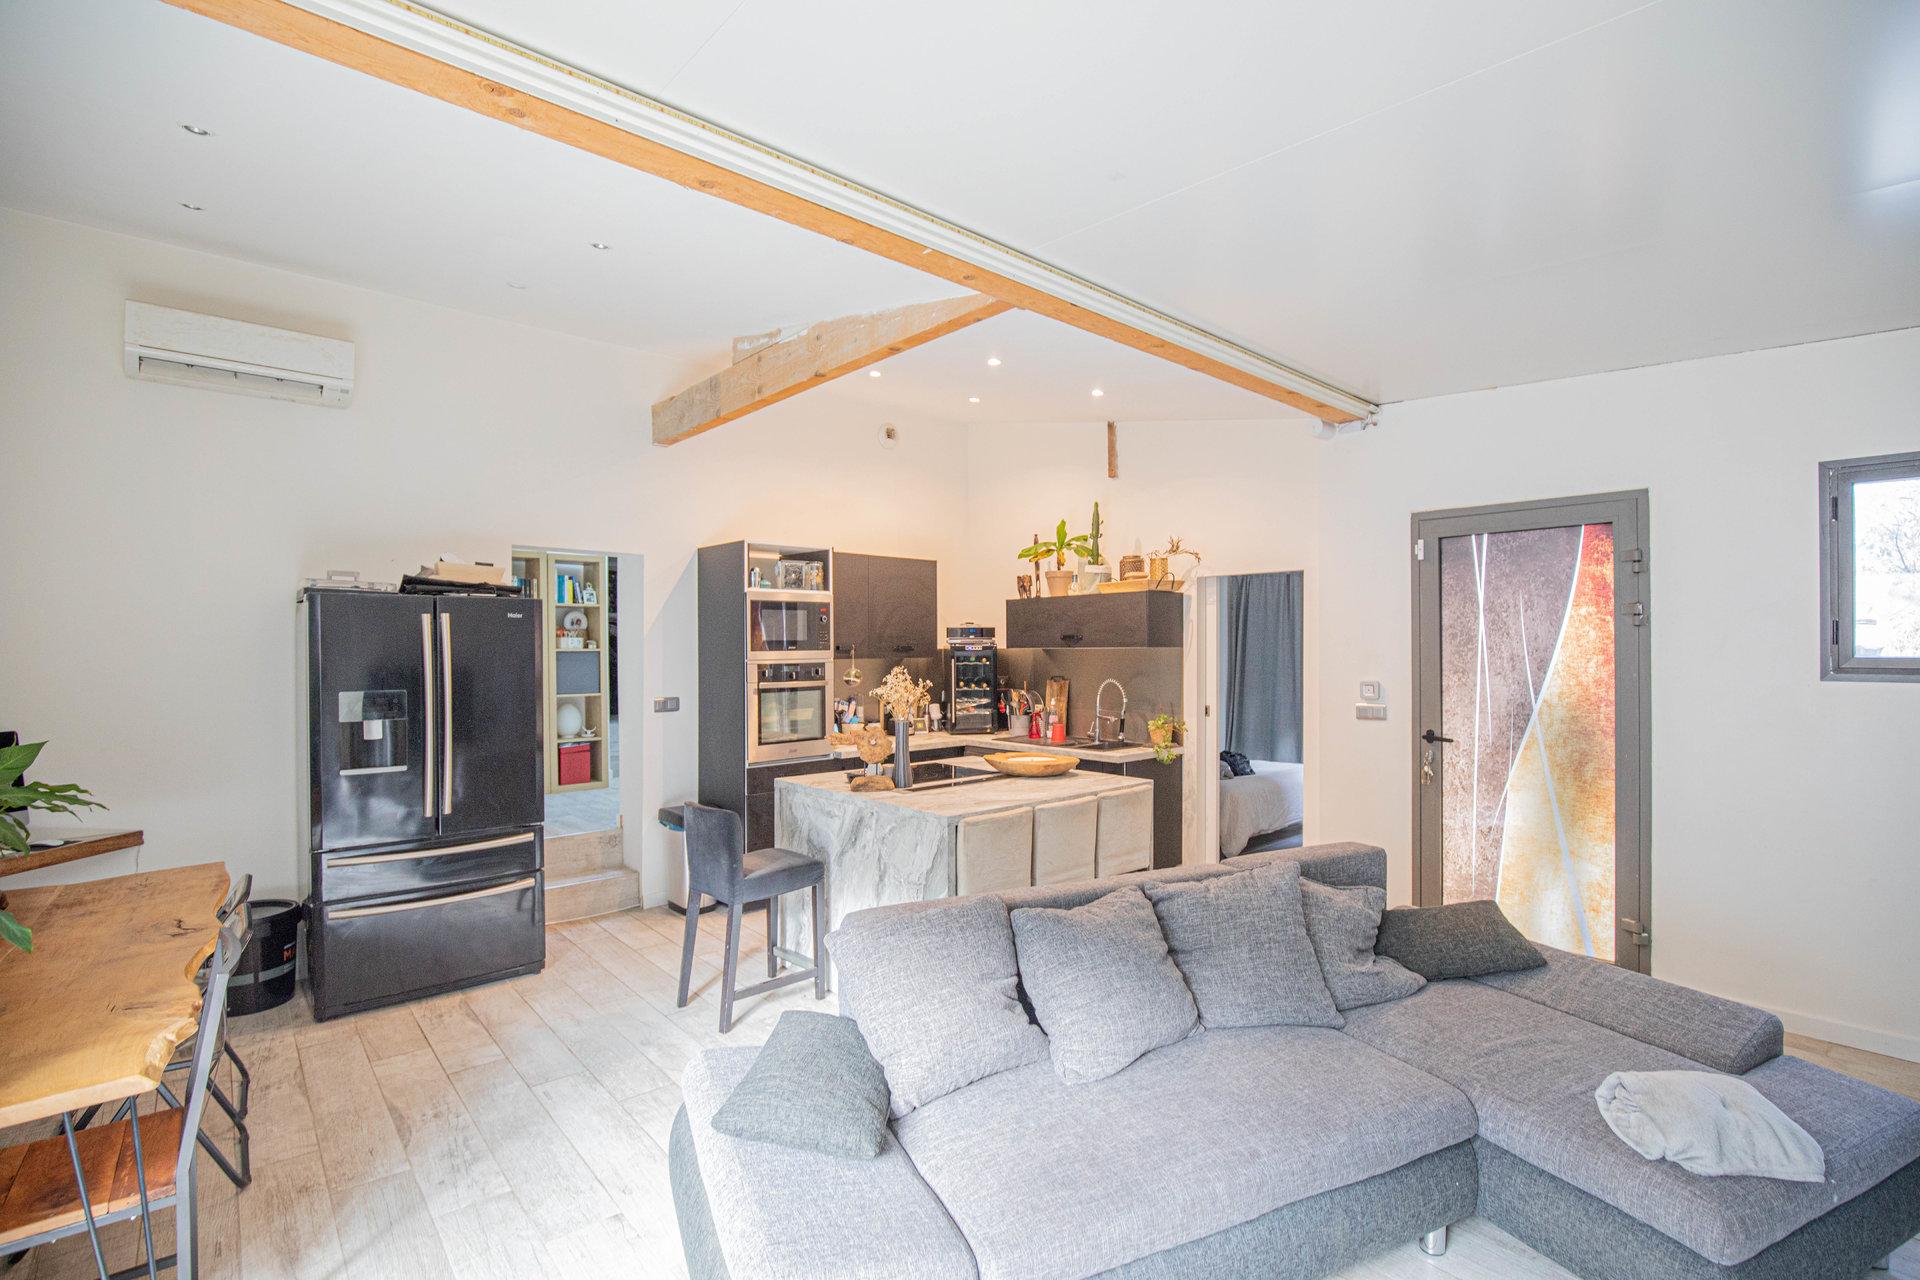 Le PETIT COCON - Maison de ville 80m2 + Terrasses+ Garage